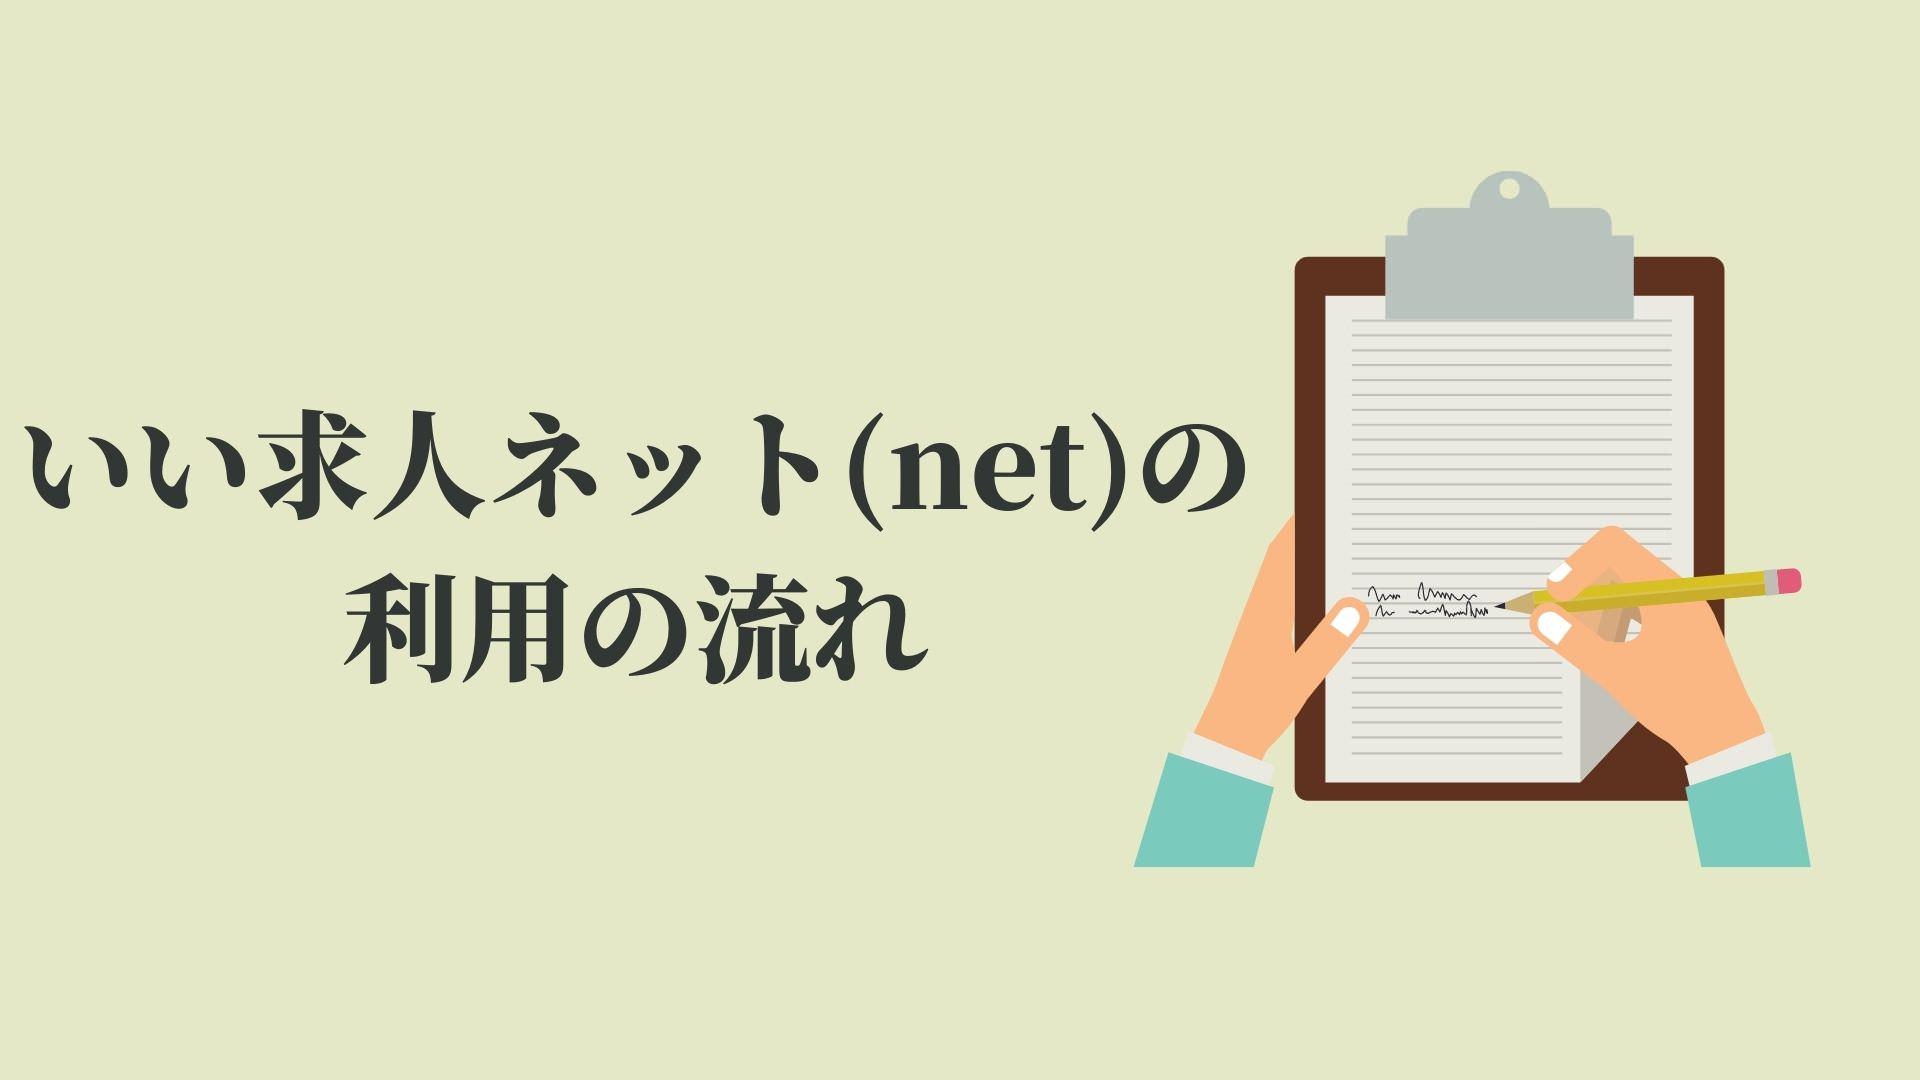 いい求人ネット(net)の利用の流れ